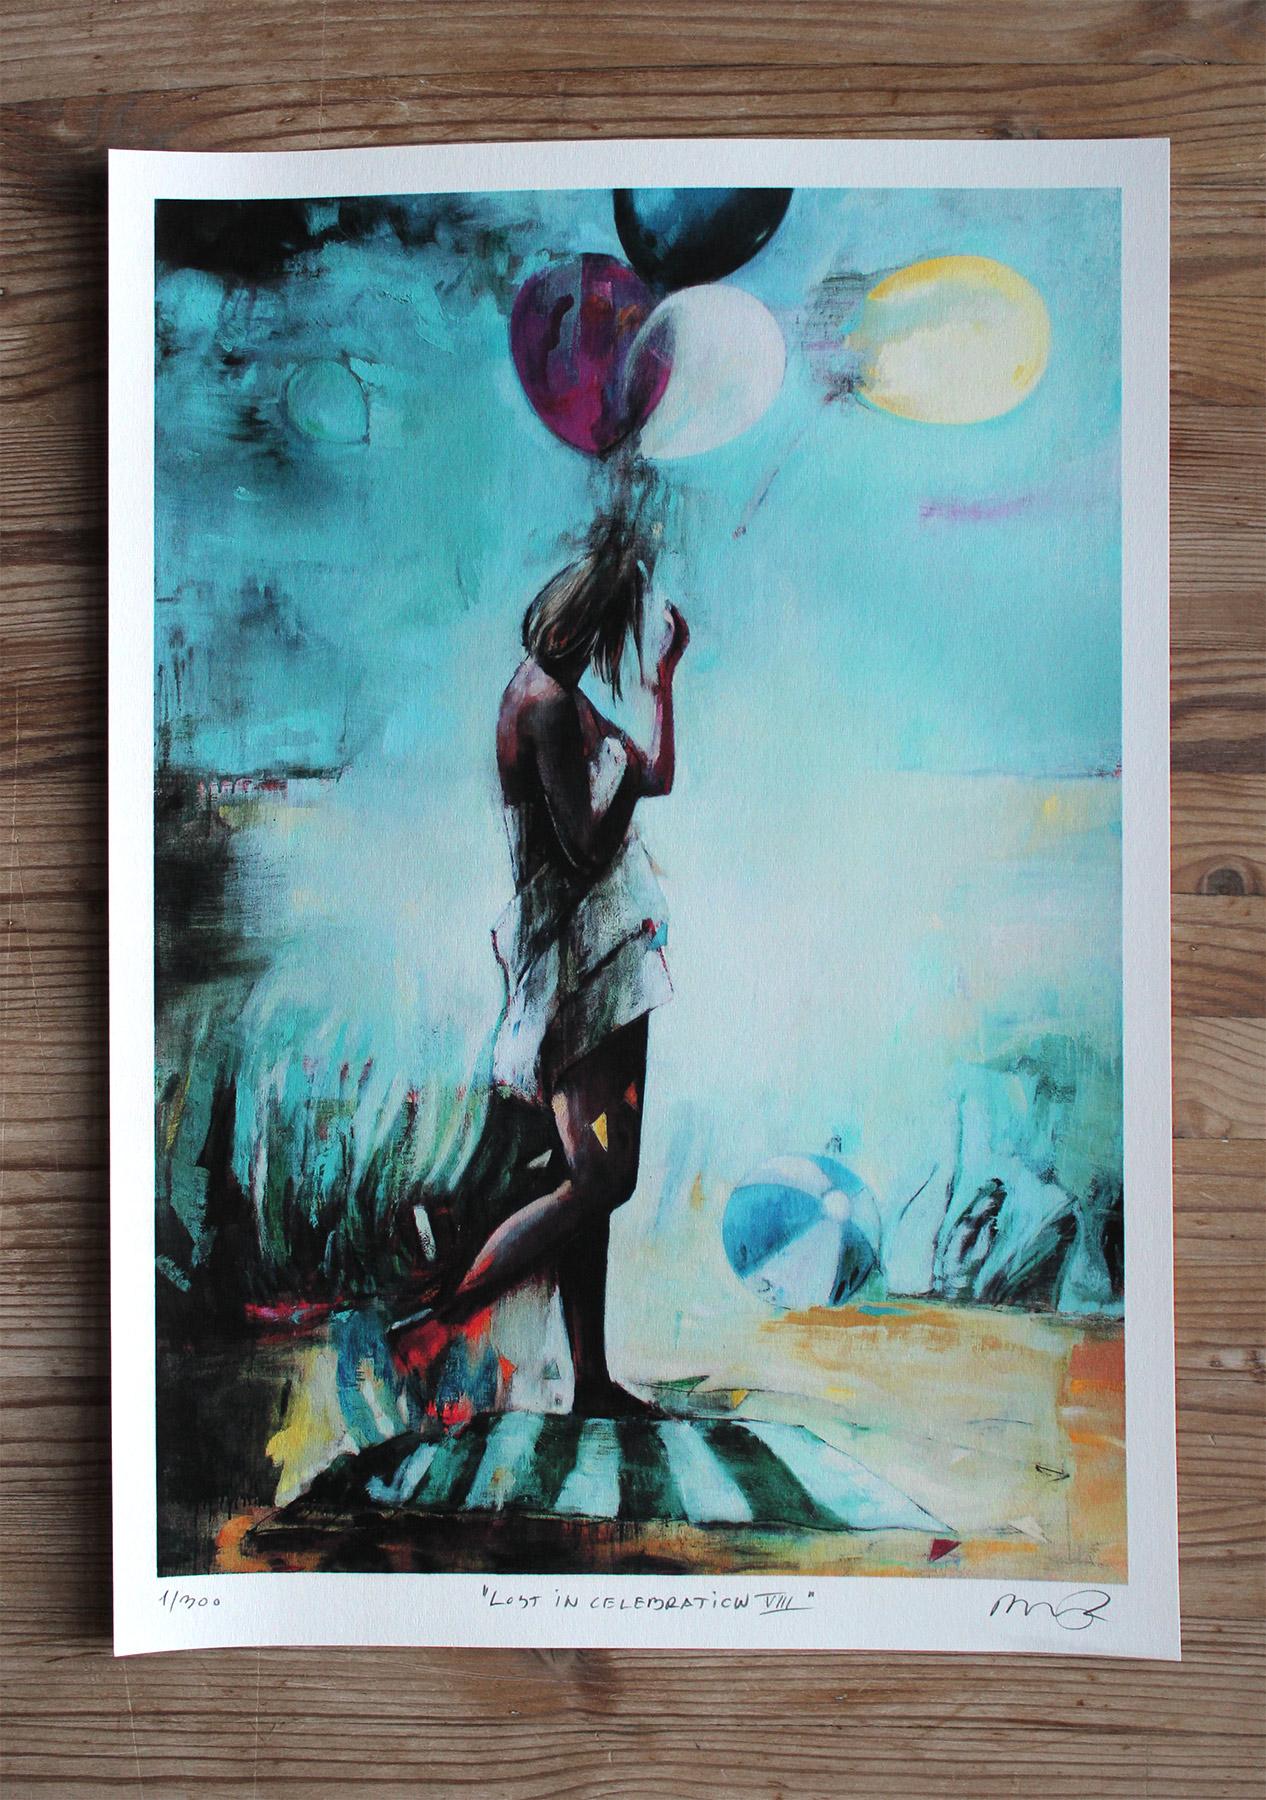 plakater-posters-kunsttryk, giclee-tryk, æstetiske, kroppe, blå, blæk, strand, smukke, samtidskunst, dansk, kvindelig, blomster, interiør, bolig-indretning, moderne, moderne-kunst, nordisk, plakater, flotte, tryk, skandinavisk, kvinder, Køb original kunst og kunstplakater. Malerier, tegninger, limited edition kunsttryk & plakater af dygtige kunstnere.